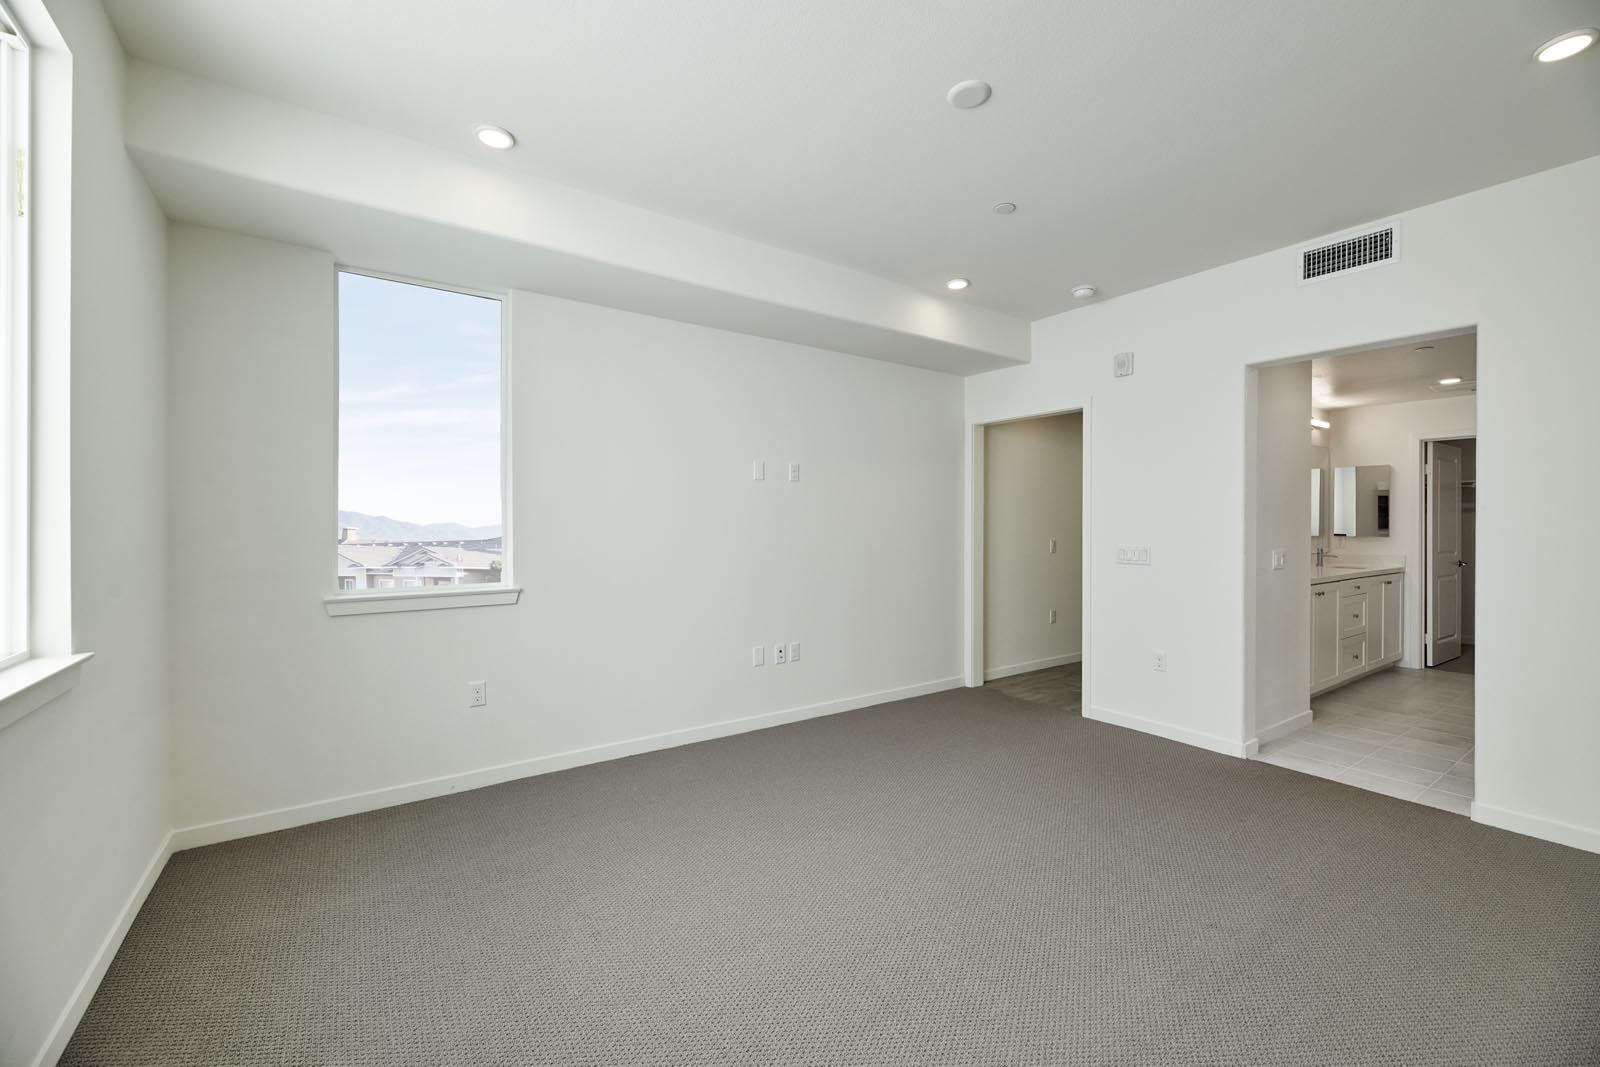 Bedroom | Residence 2 | Aspire | New Homes in Rancho Cucamonga, CA | Van Daele Homes